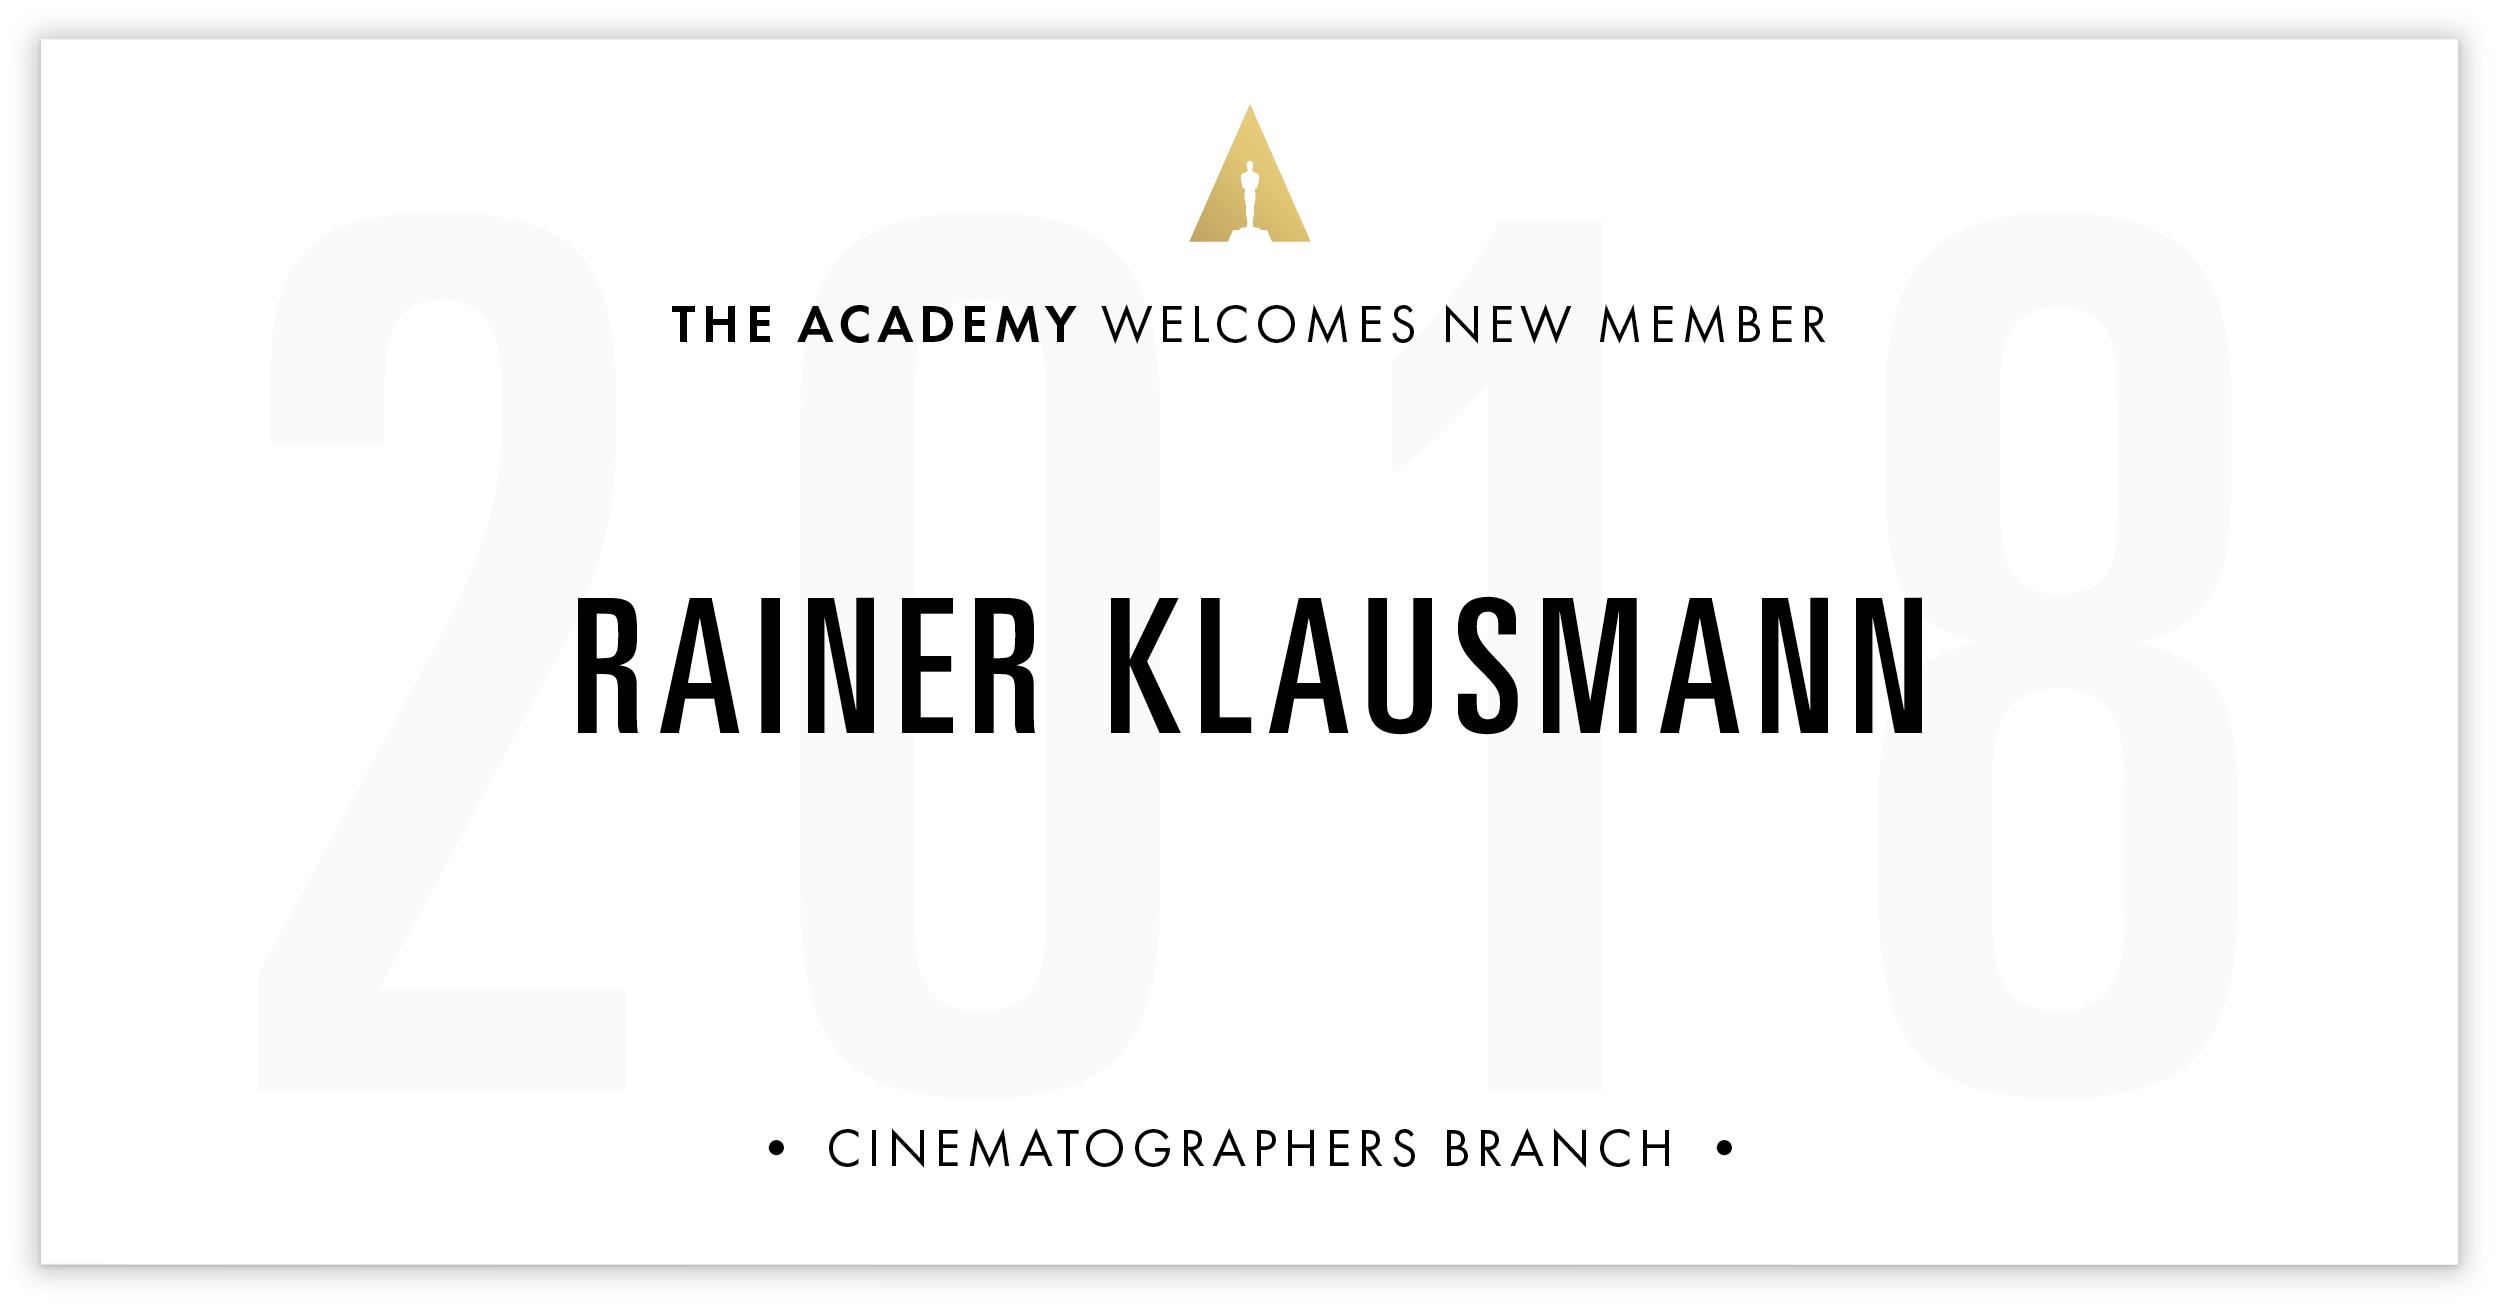 Rainer Klausmann is invited!